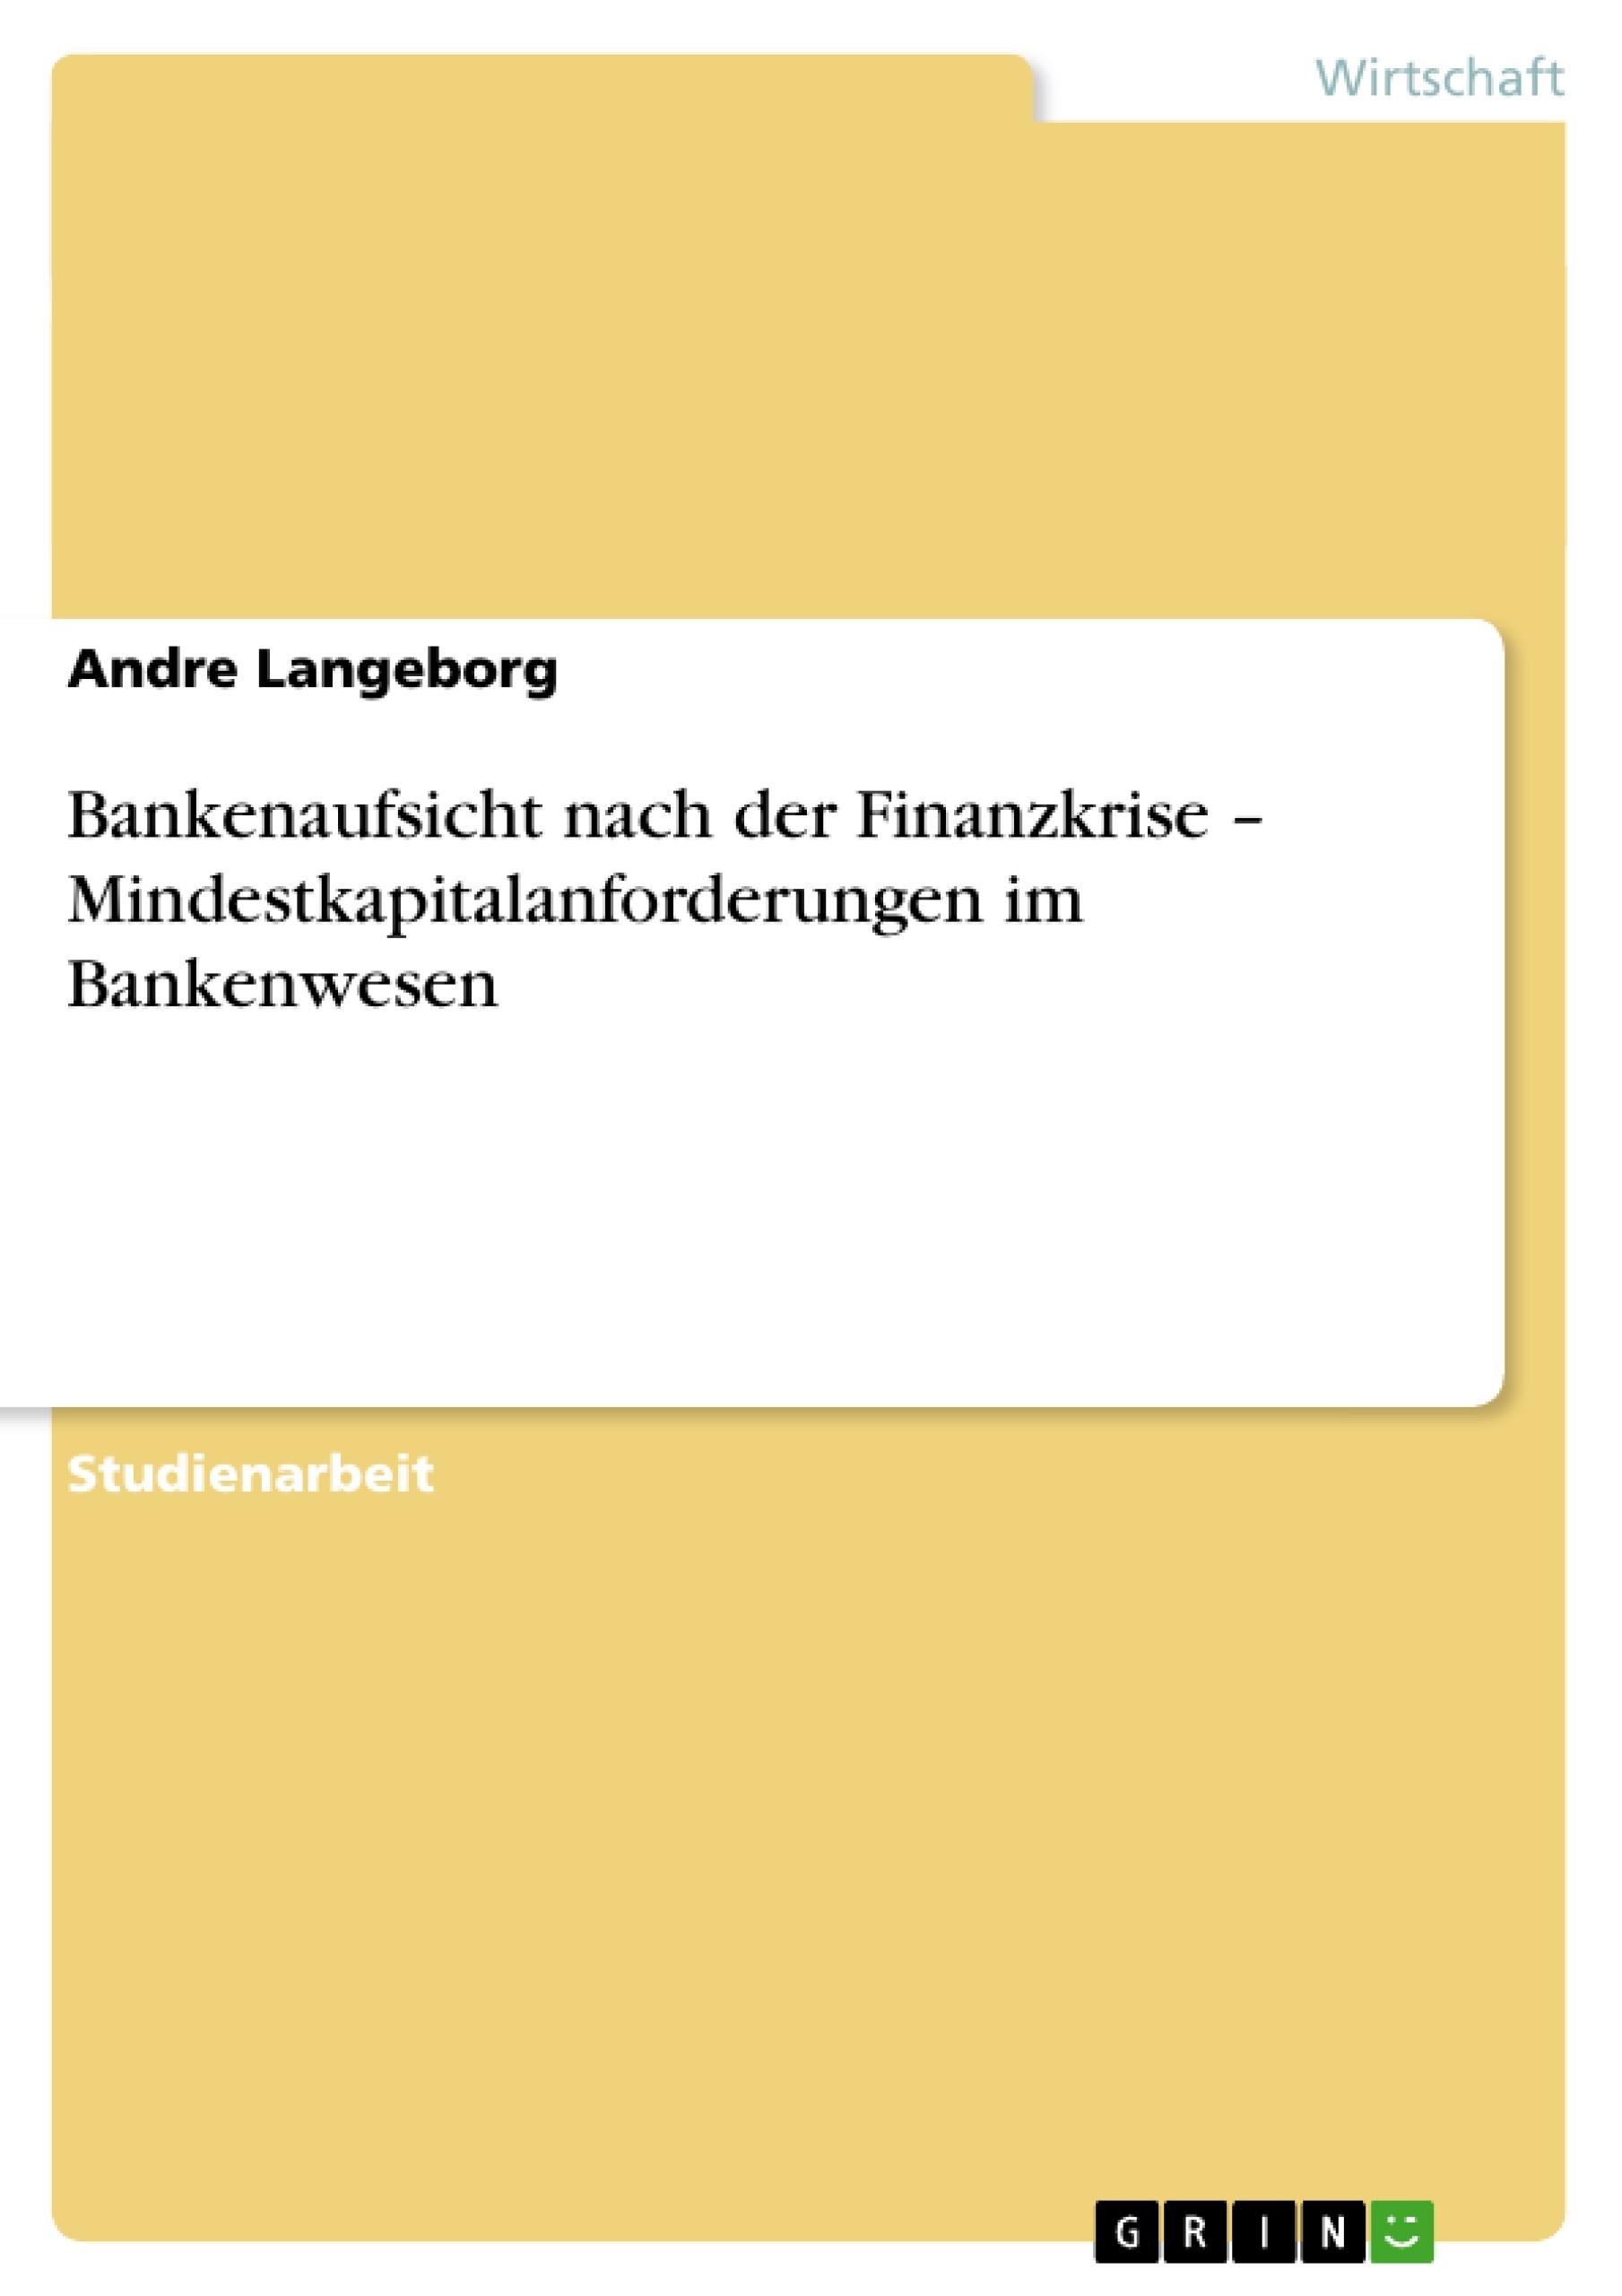 Titel: Bankenaufsicht nach der Finanzkrise – Mindestkapitalanforderungen im Bankenwesen